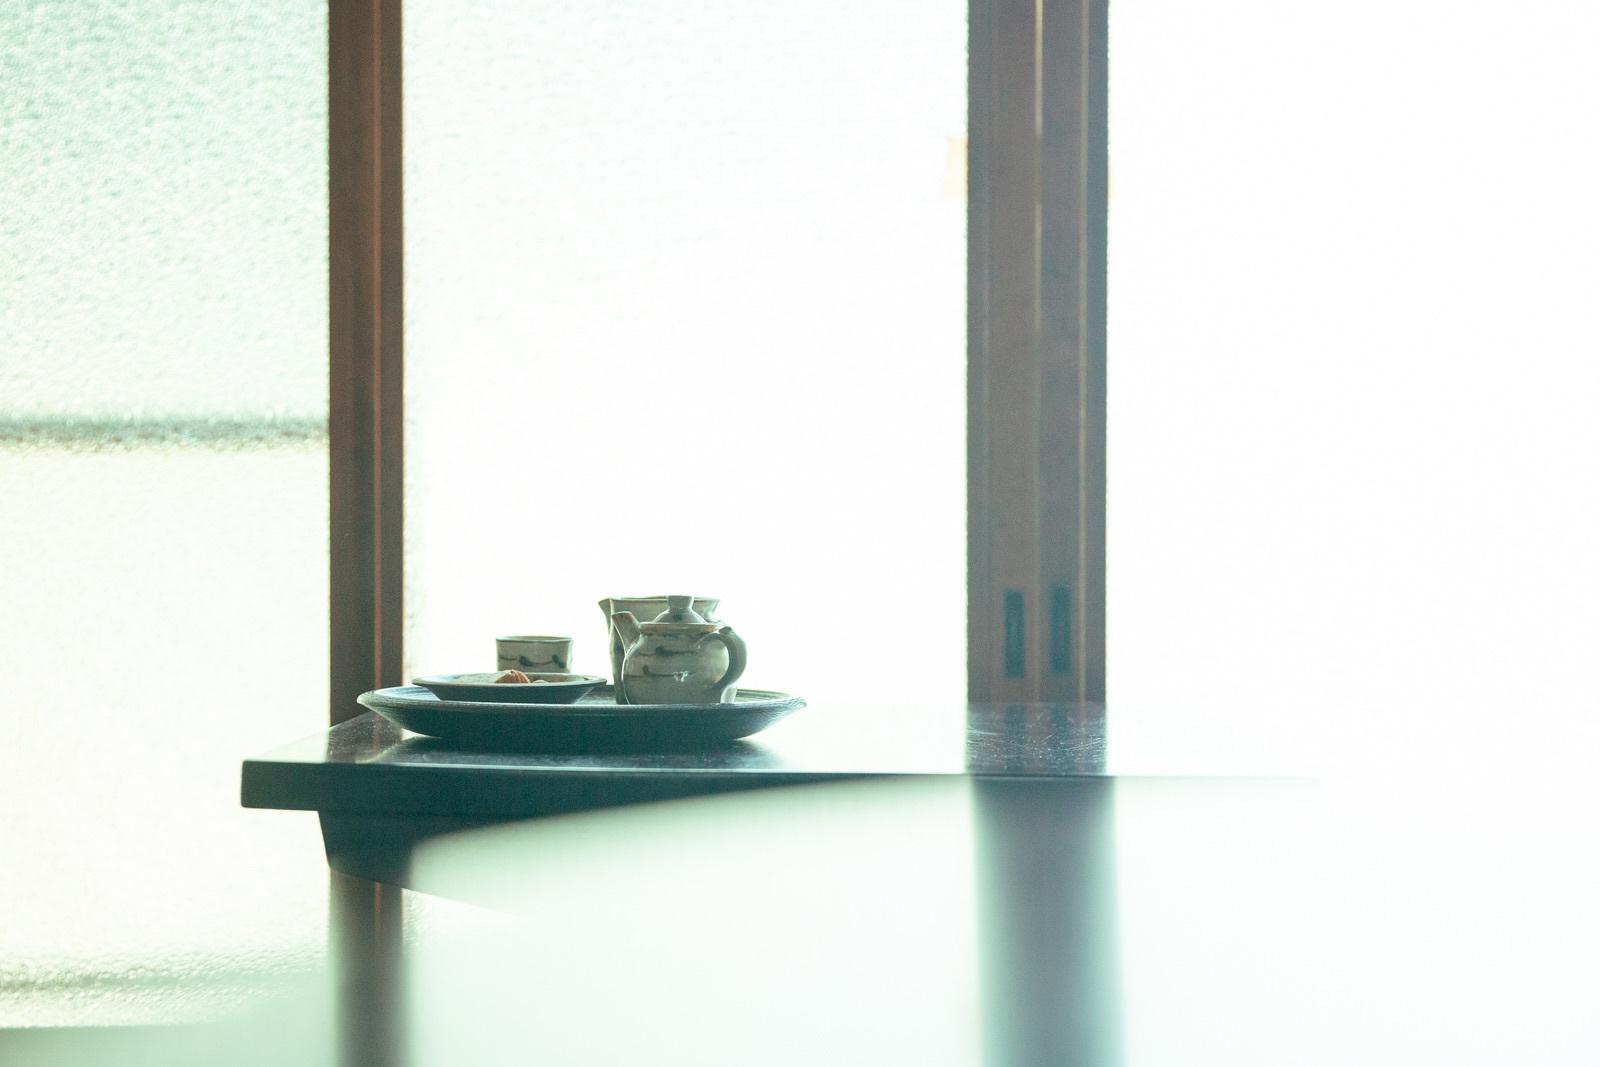 10月1日(金)の喫茶営業について_d0293004_17120912.jpeg